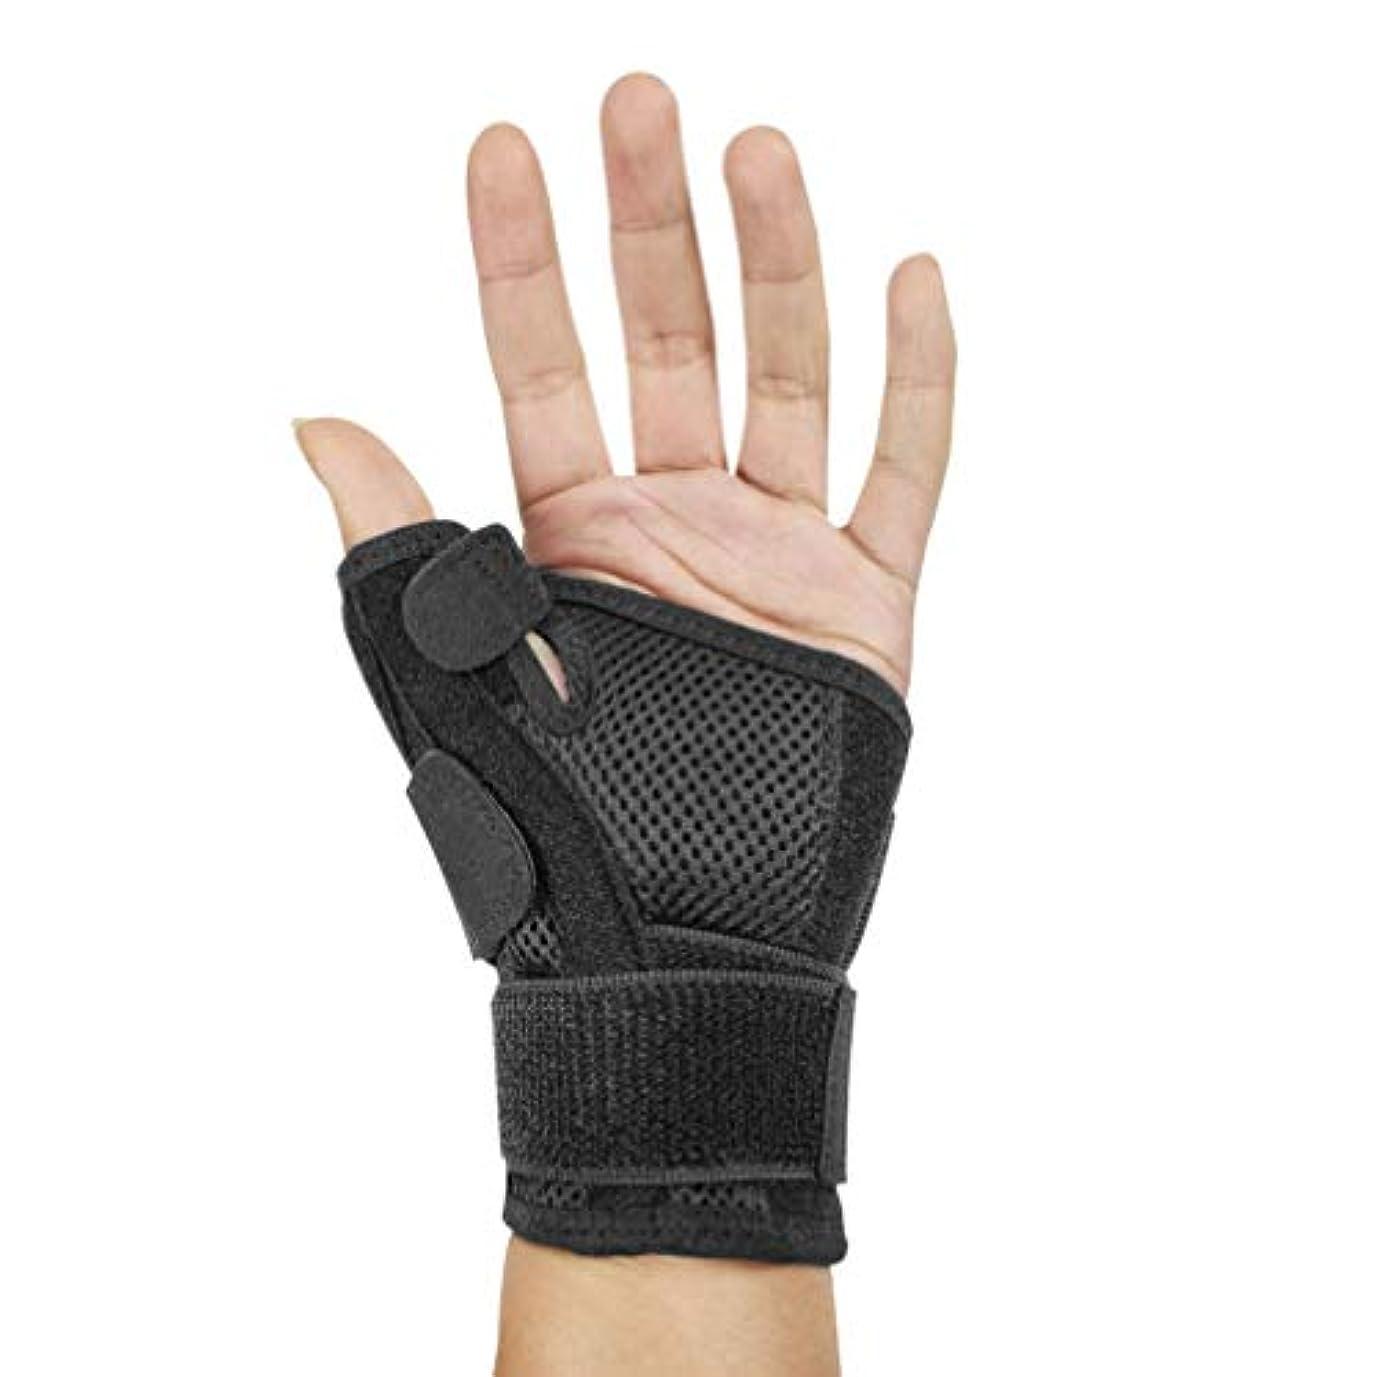 クロス論争的スキャンダラスHealifty 手首用サポーター 手首固定 調節可能 スポーツ 手首サポート 女性 男性